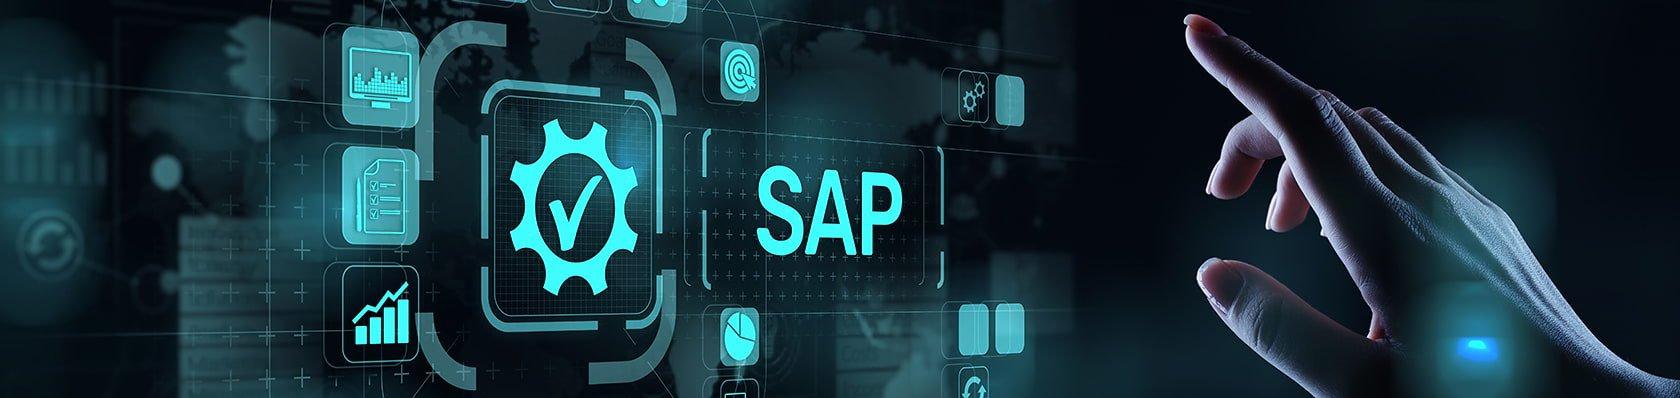 SAP Onlinekurse im Test auf ExpertenTesten.de